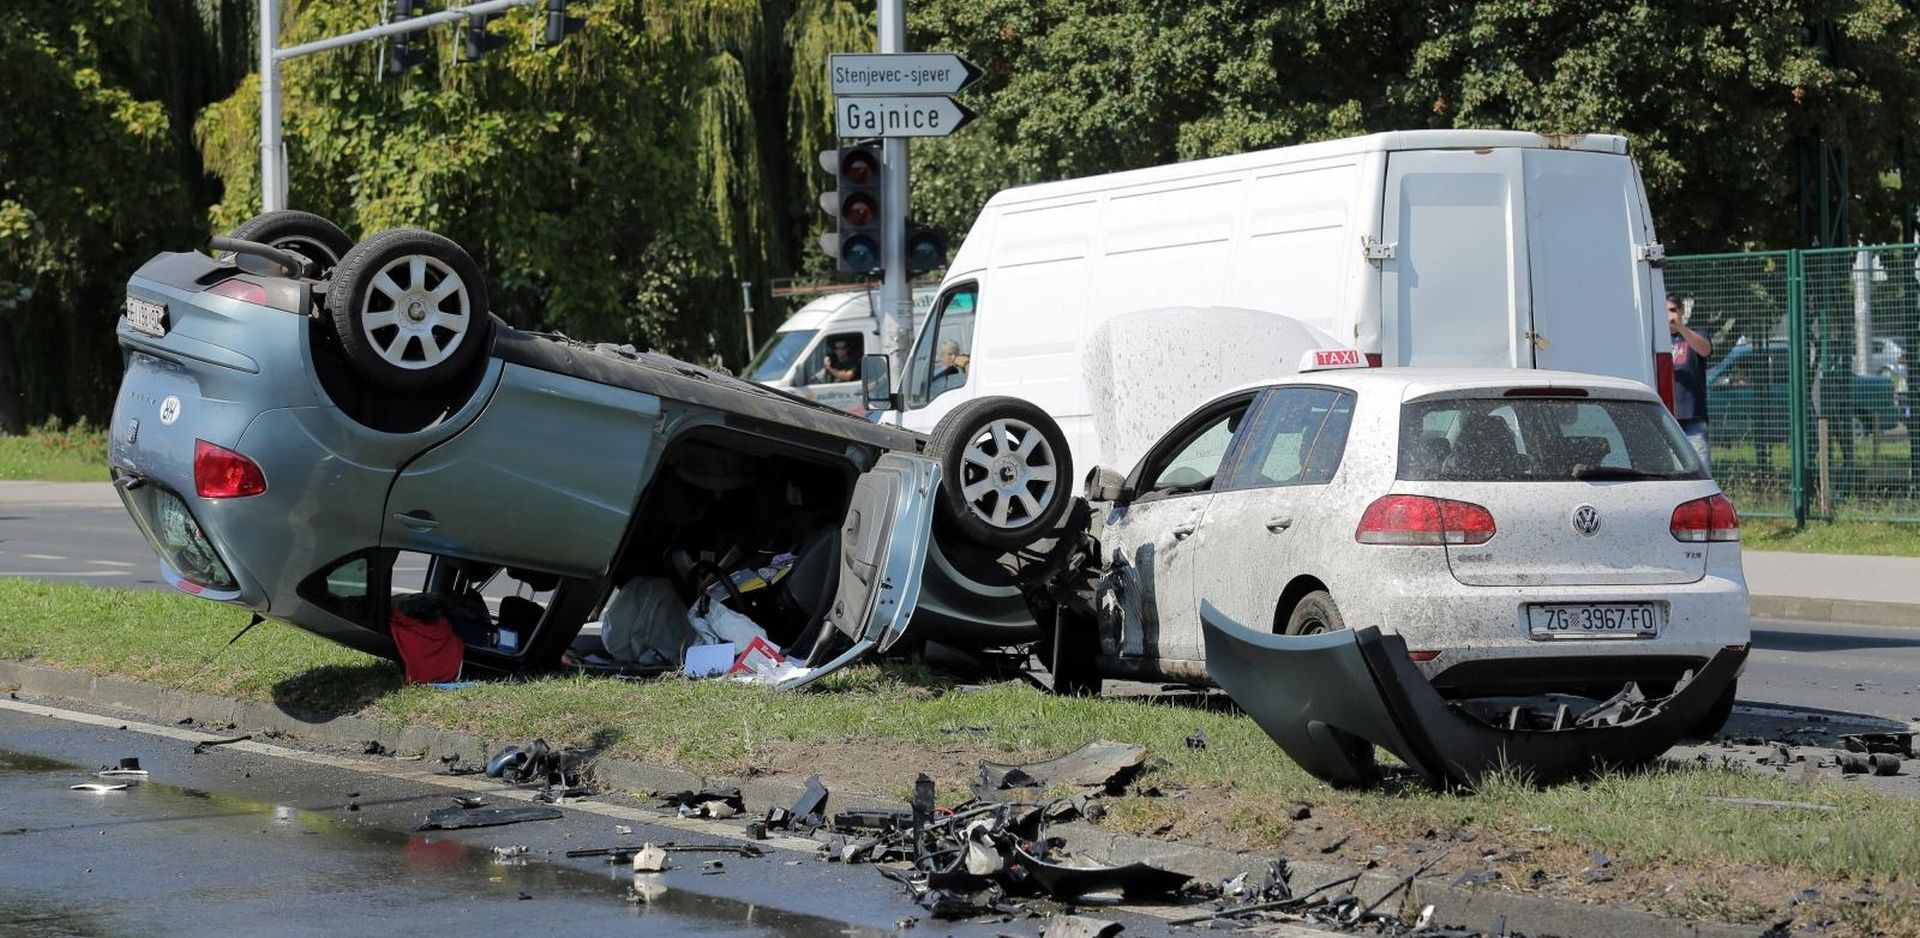 Teška nesreća u Gajnicama, jedna osoba ozlijeđena